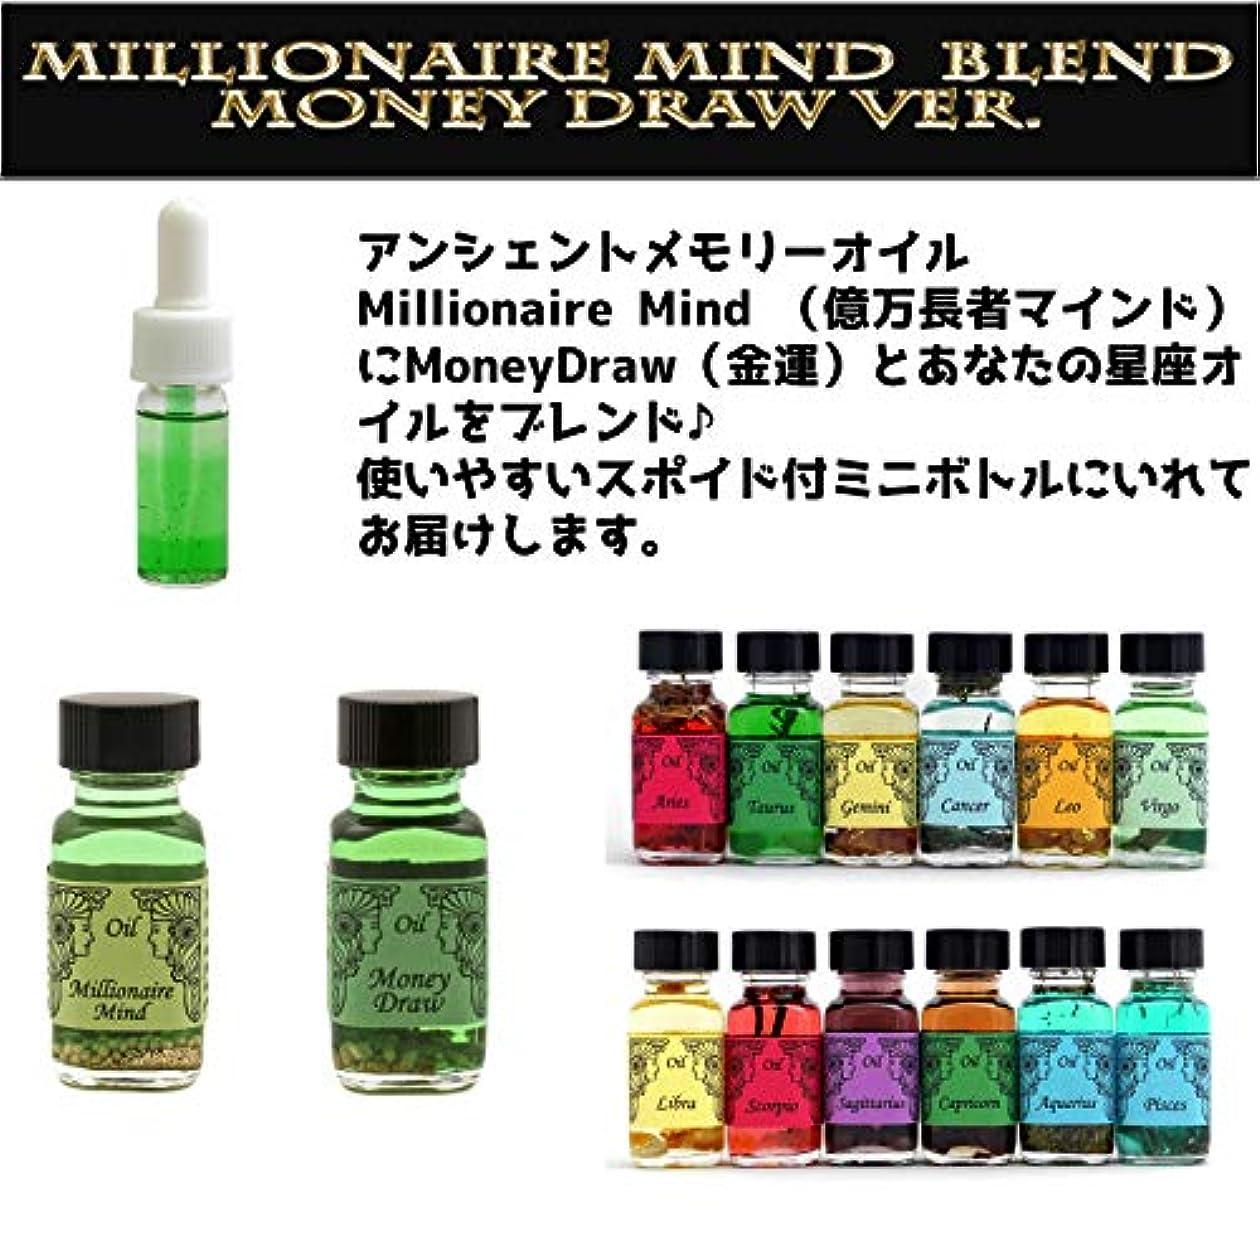 雄弁な画家ペダルアンシェントメモリーオイル Millionaire Mind 億万長者マインド ブレンド(Money Drawマネードロー(金運)&いて座